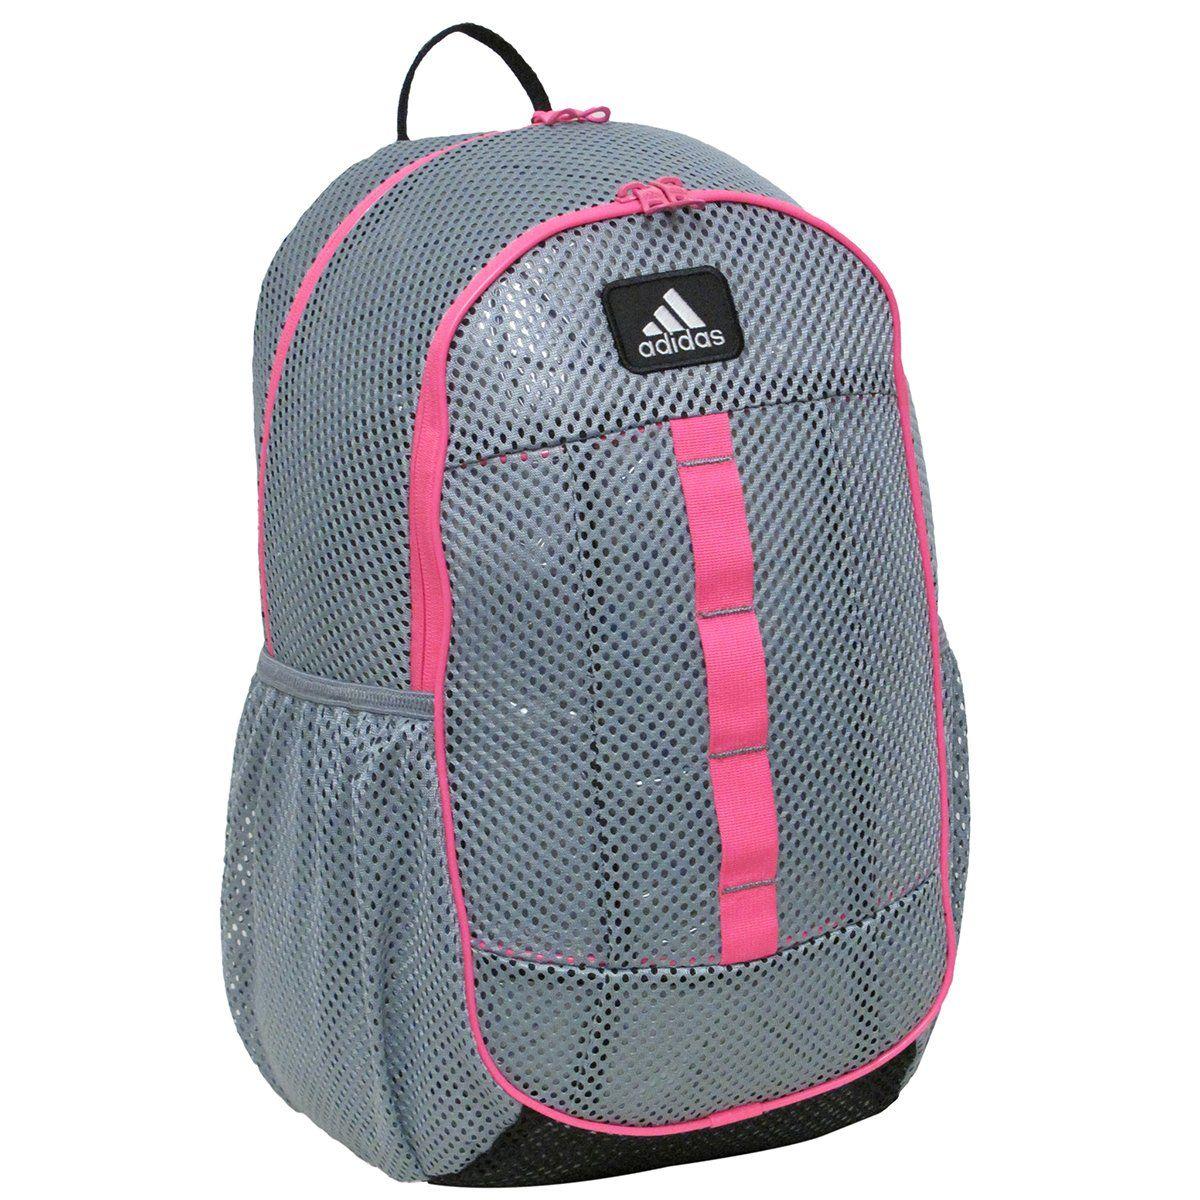 Robot Check Mesh backpack, Backpacks, Girl backpacks